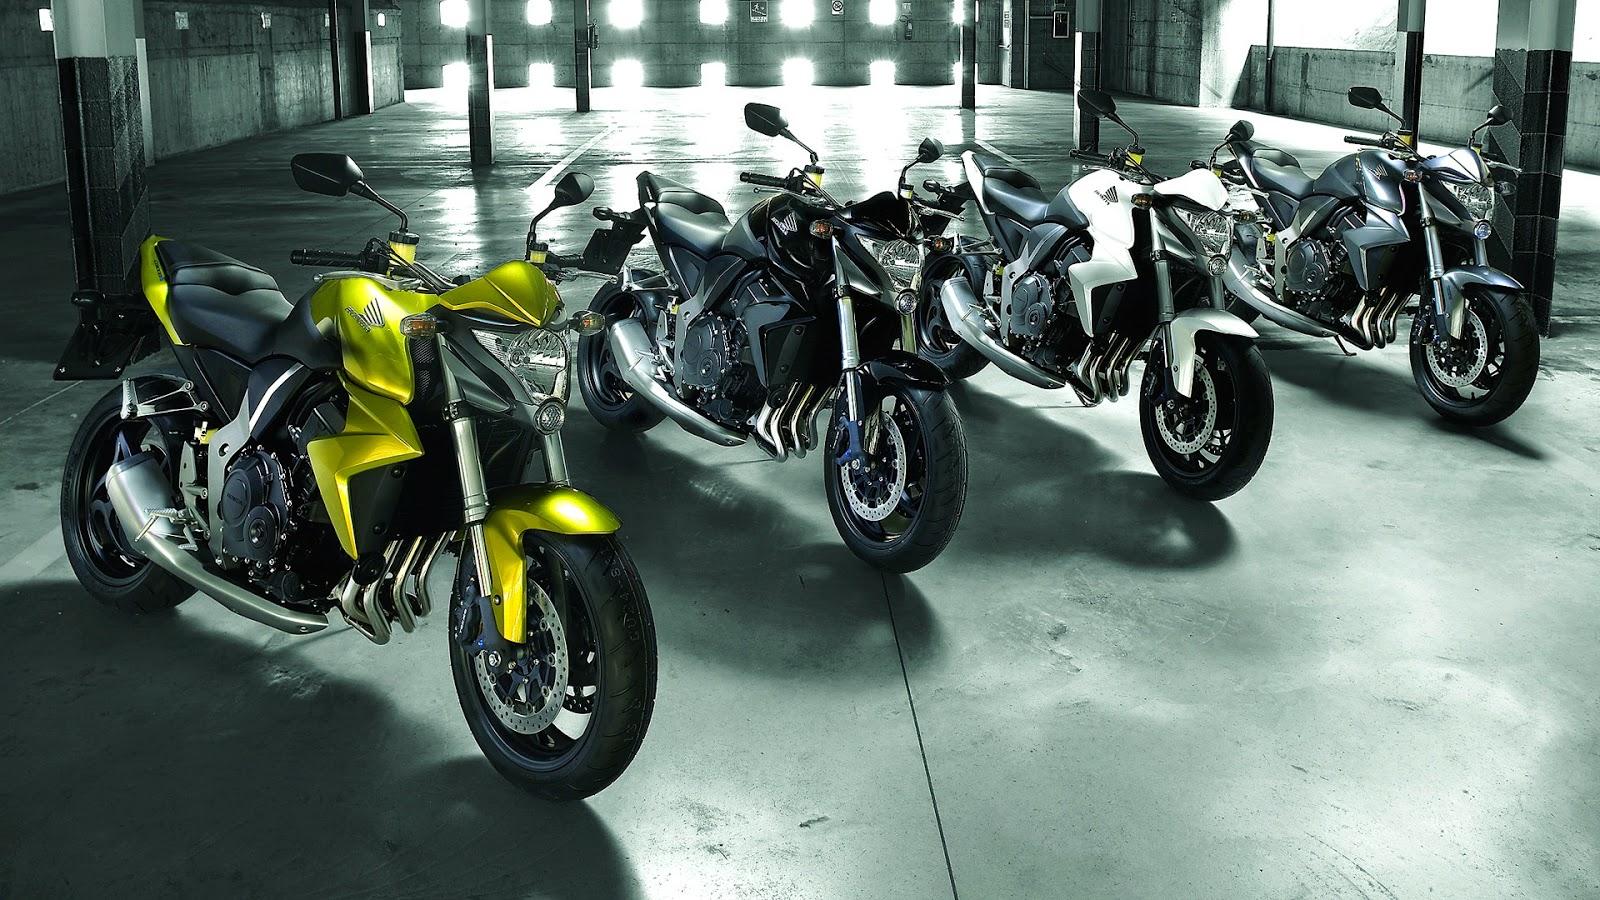 Wallpaper met Honda motoren in garage